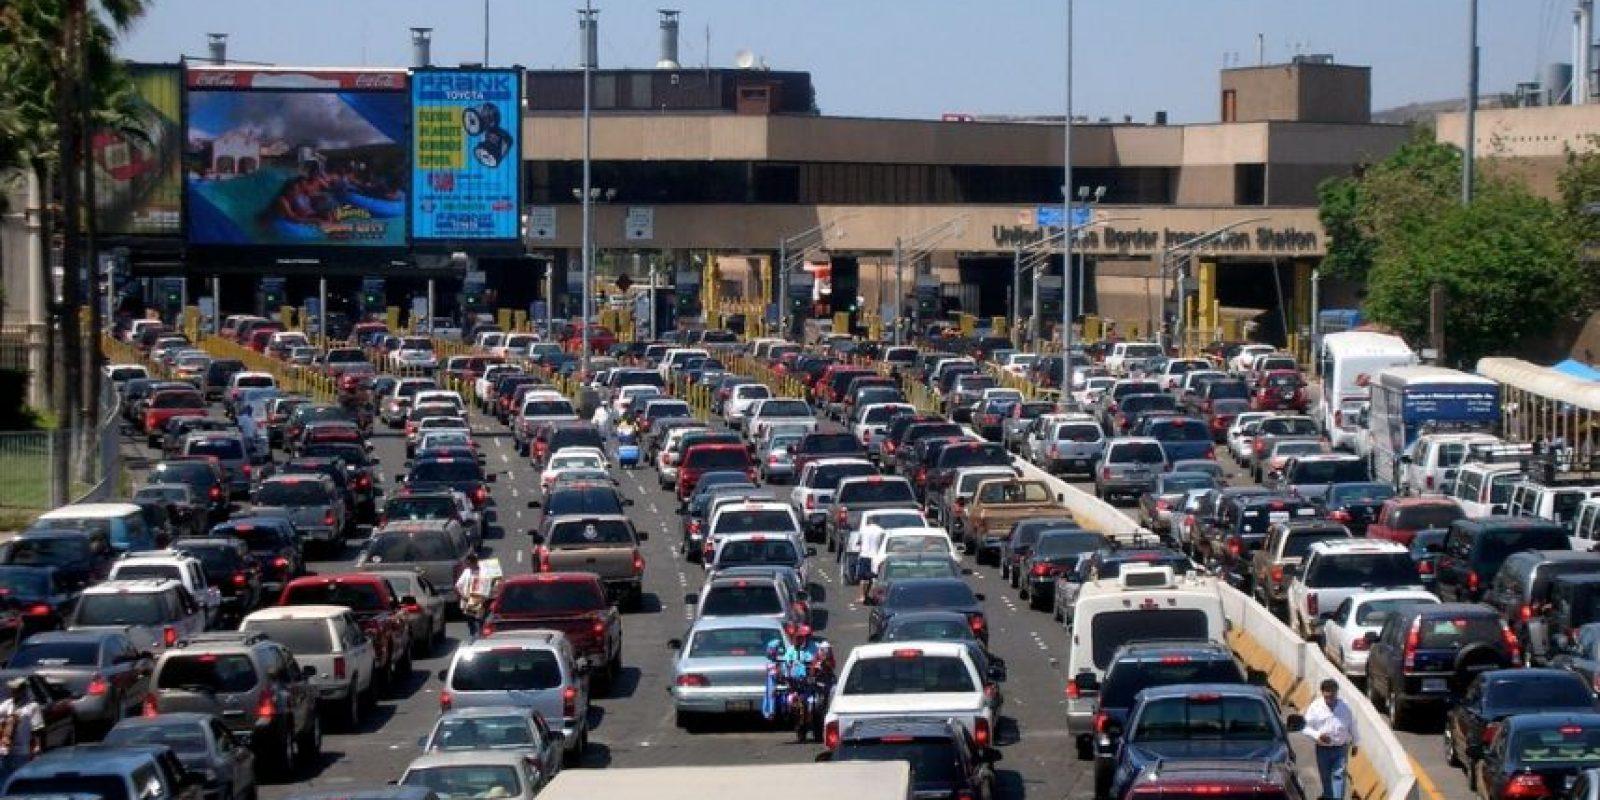 Autos. Los traficantes esconden en compartimientos secretos la droga. Foto:Wikipedia.org